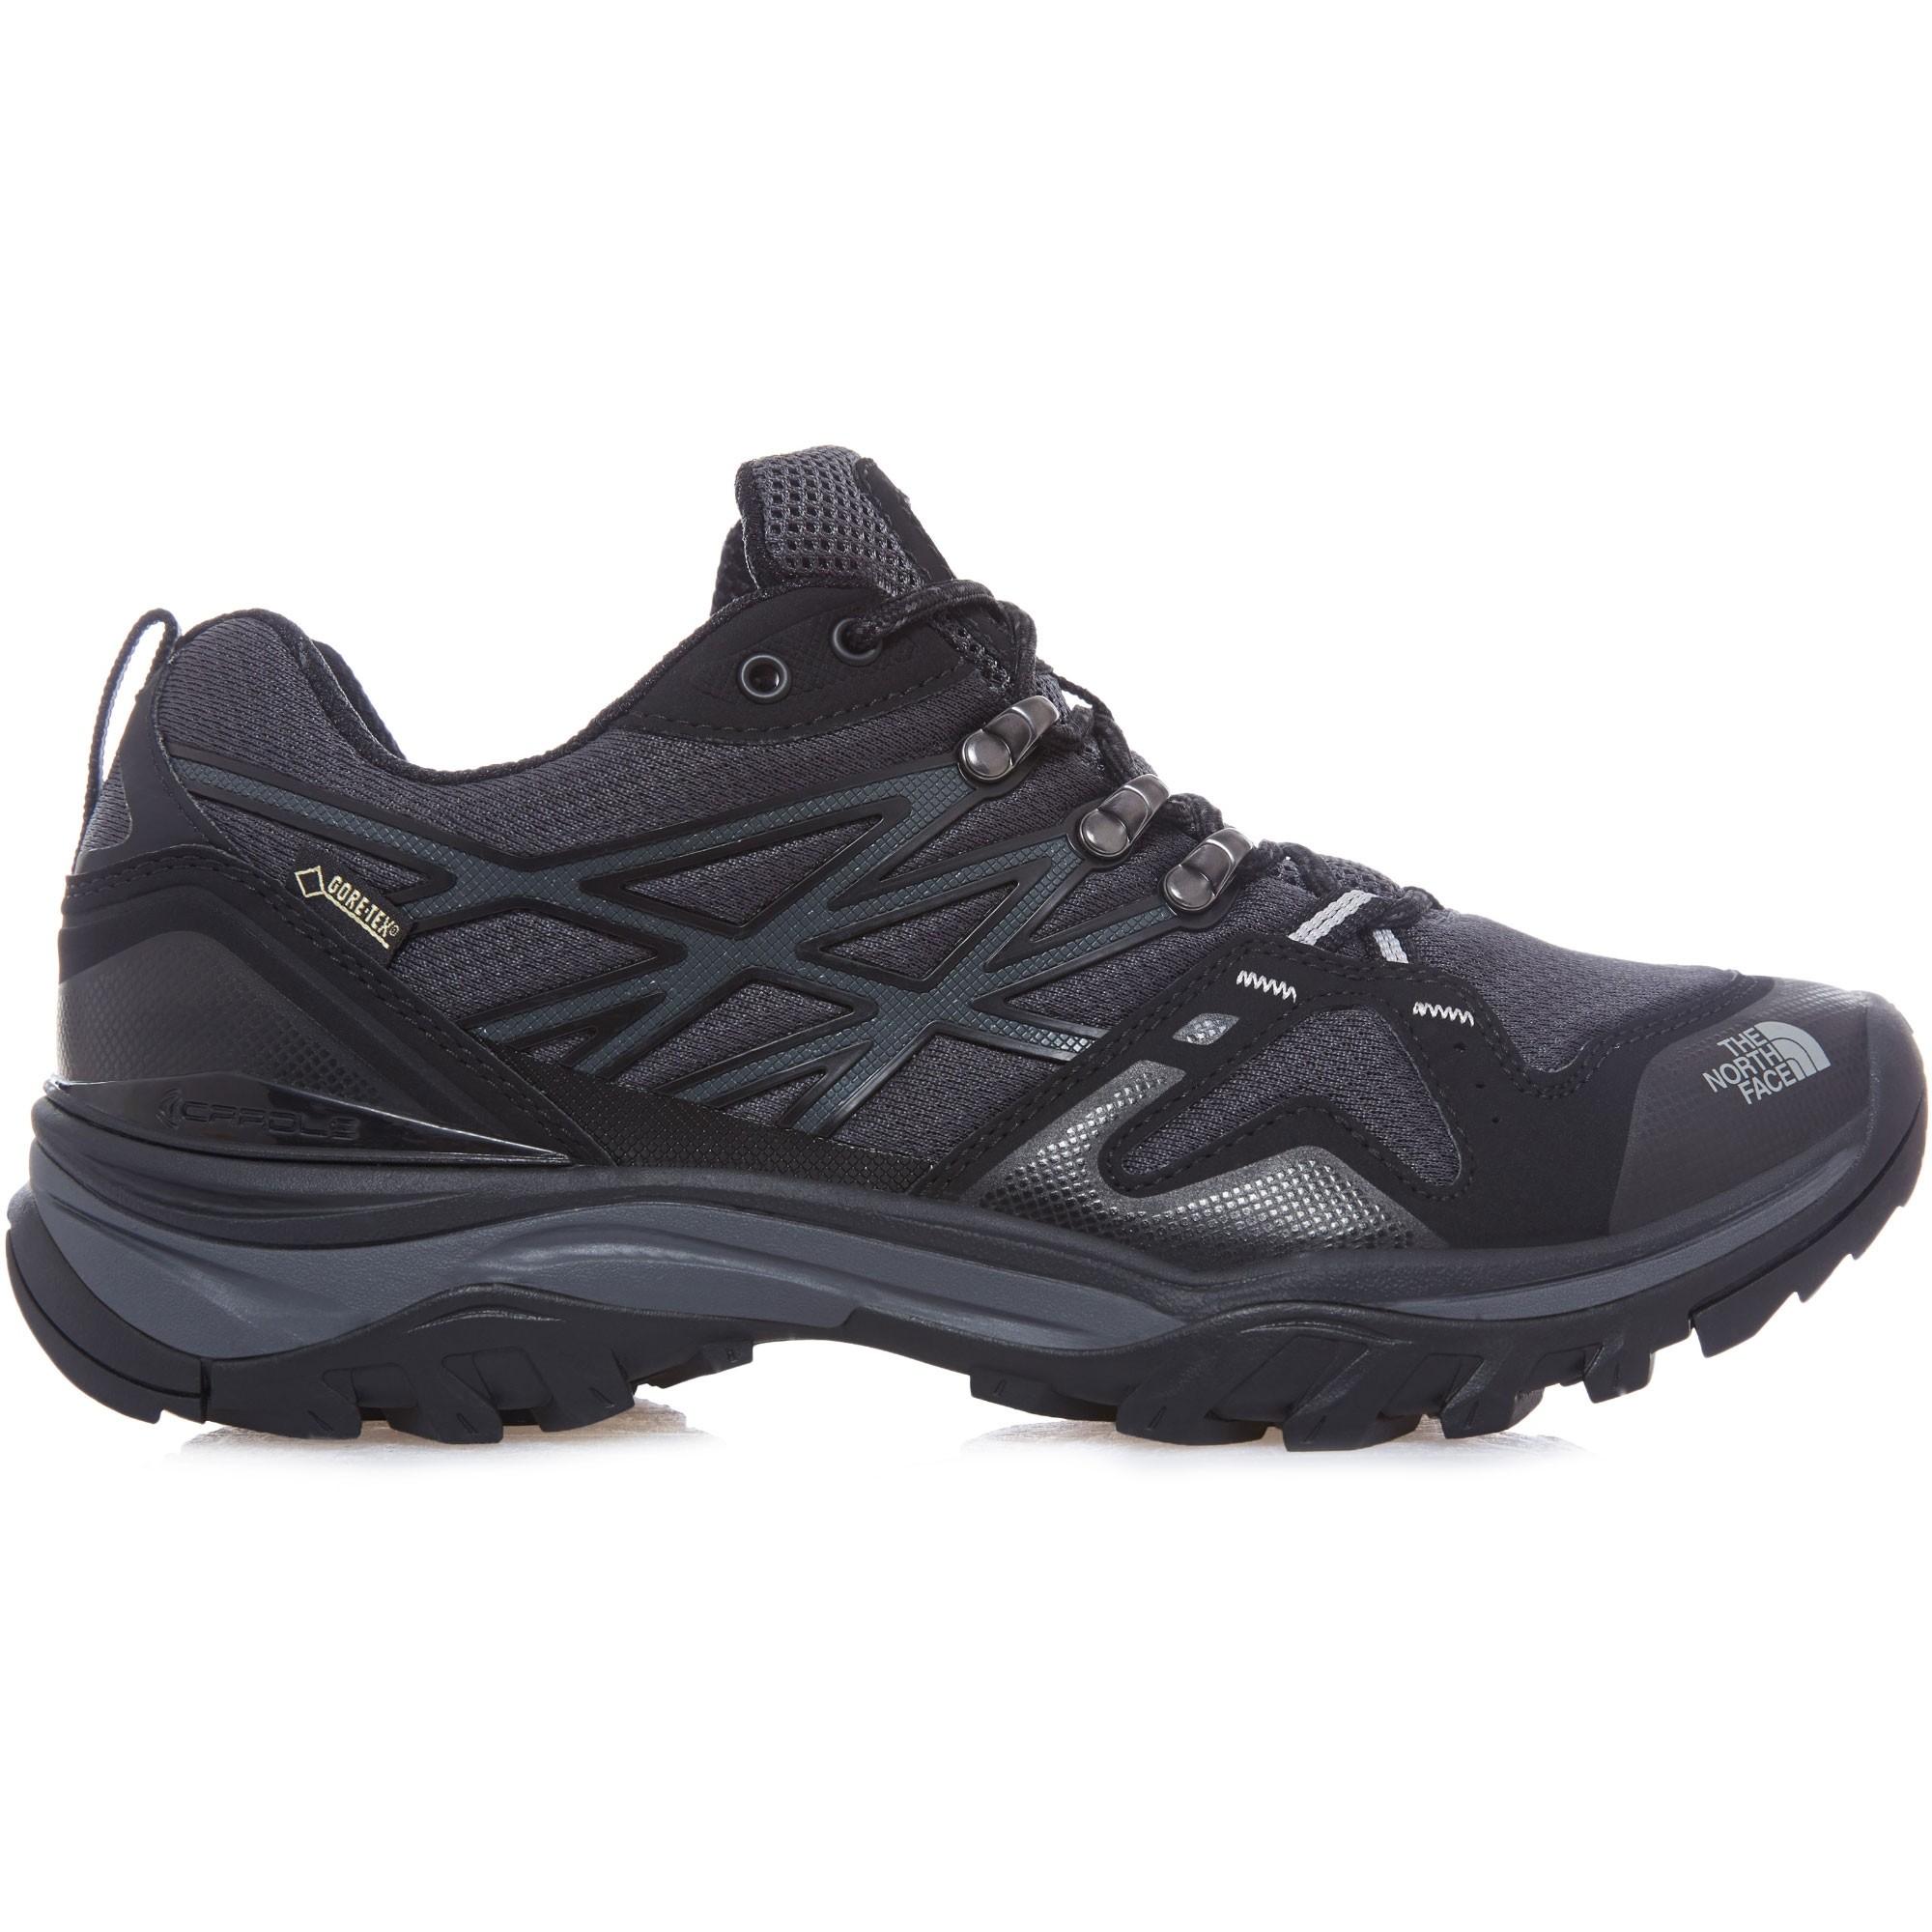 Hedgehog Fastpack GTX Hiking Shoes - Men's